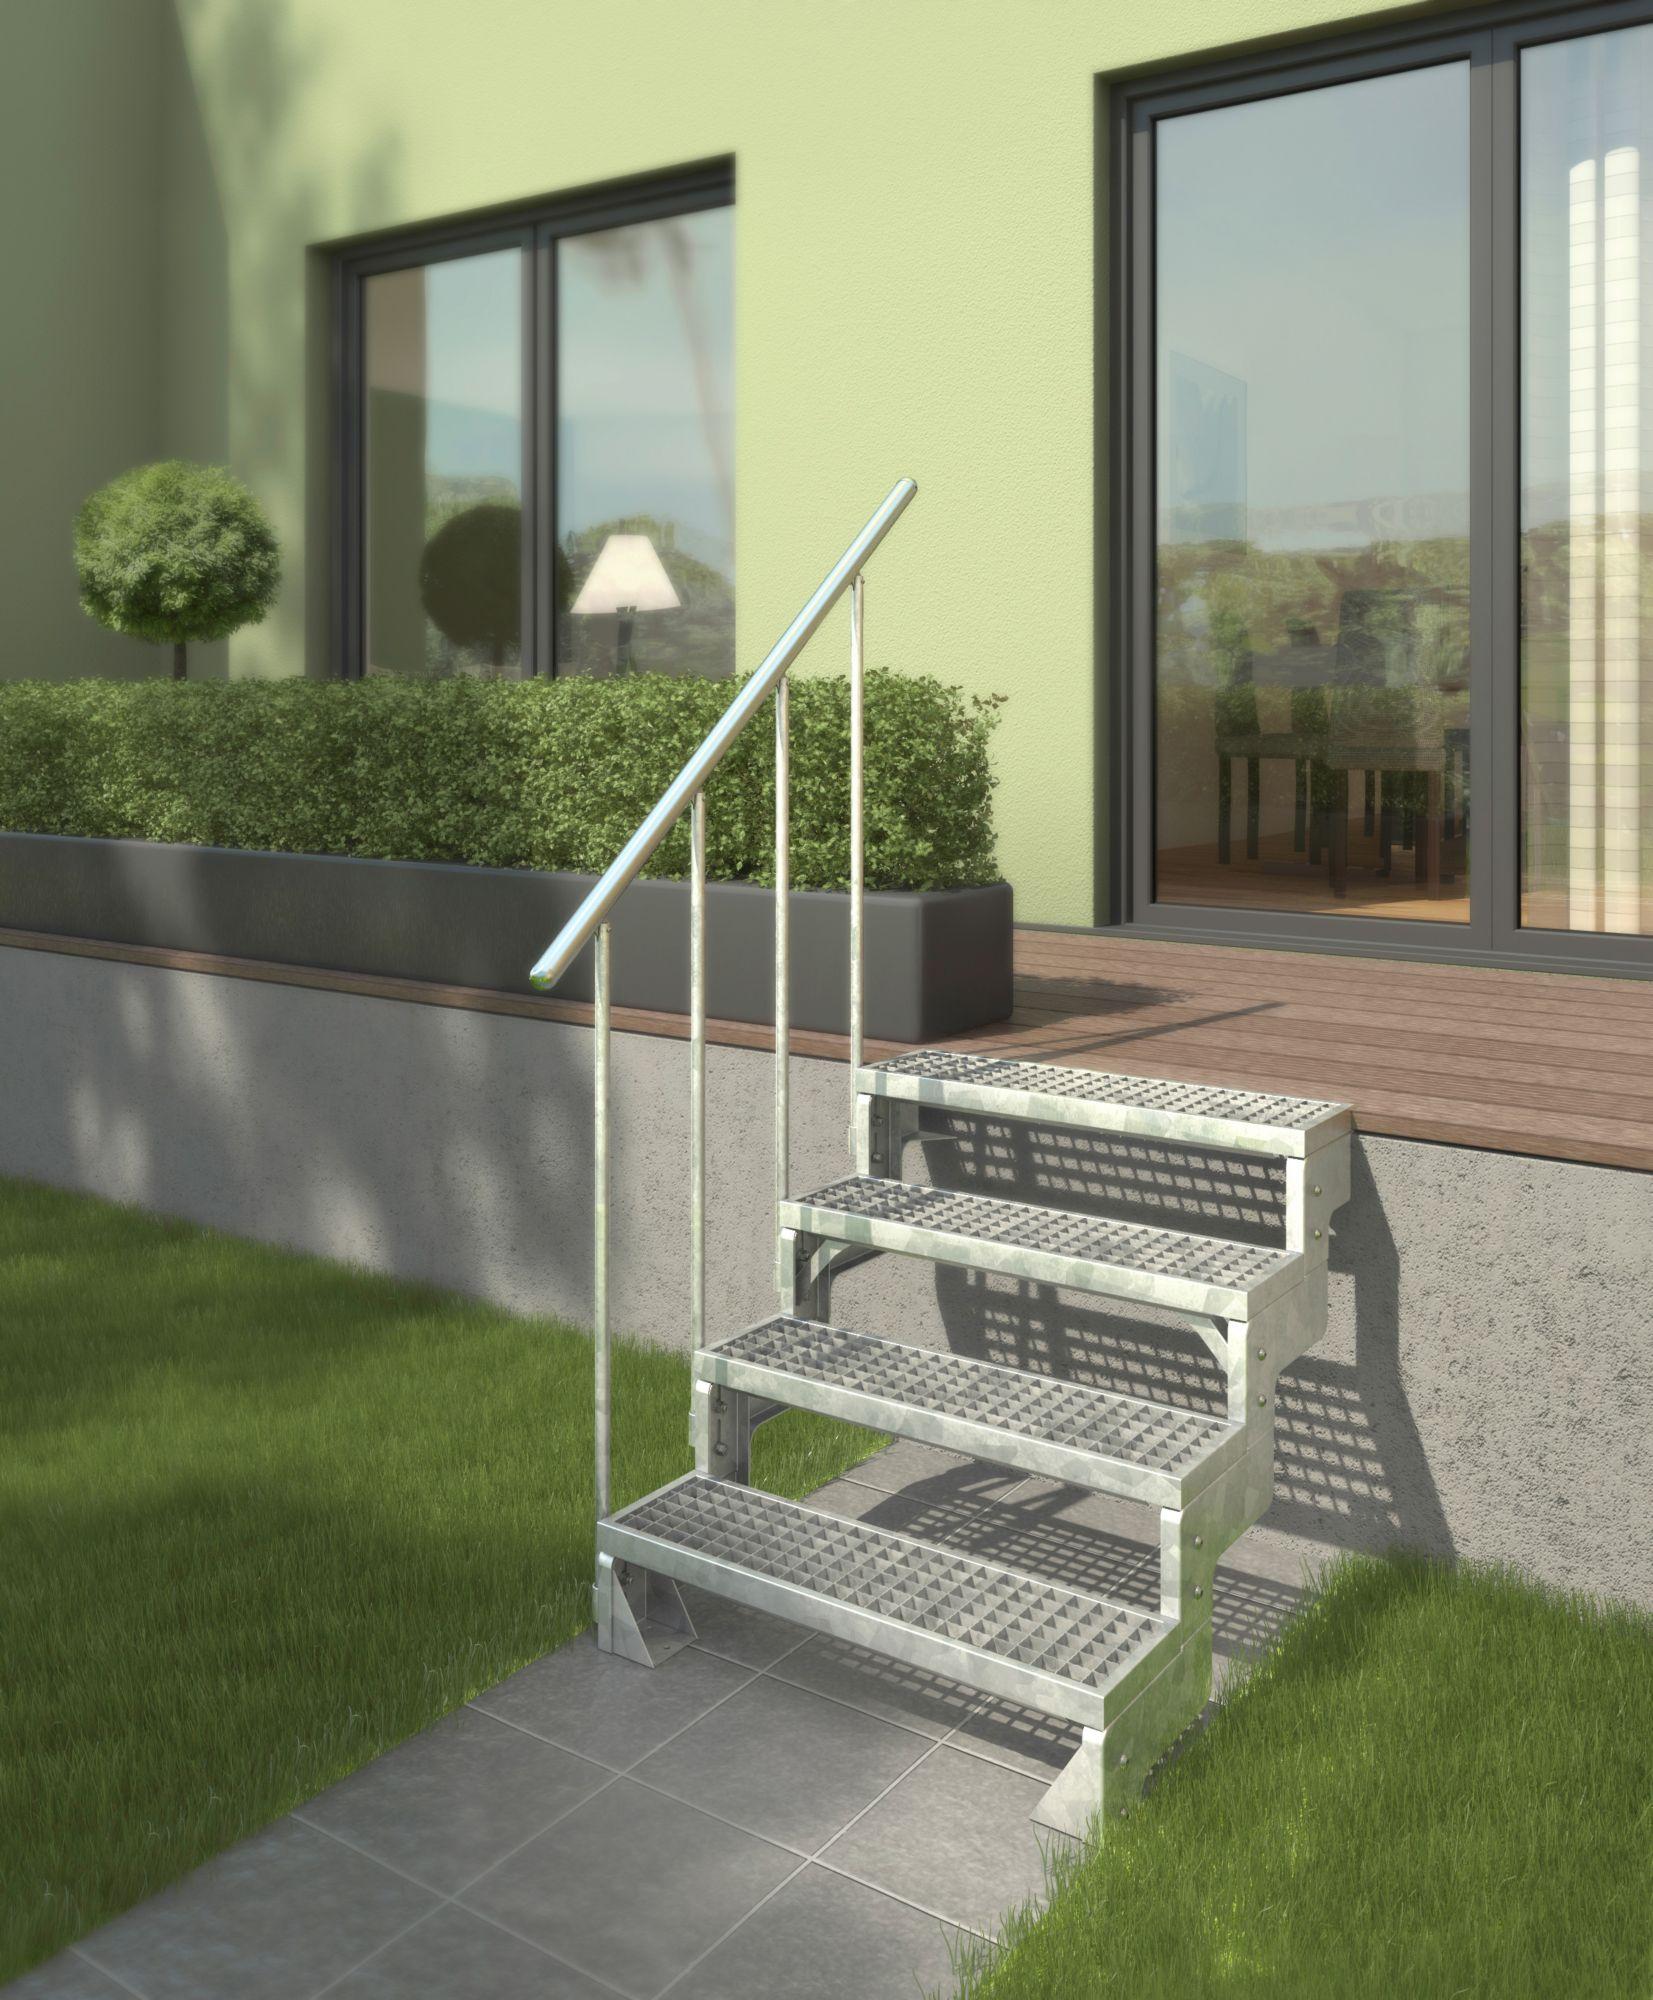 DOLLE Dolle Gitterroststufe »Gardentop, 100 cm Breite«